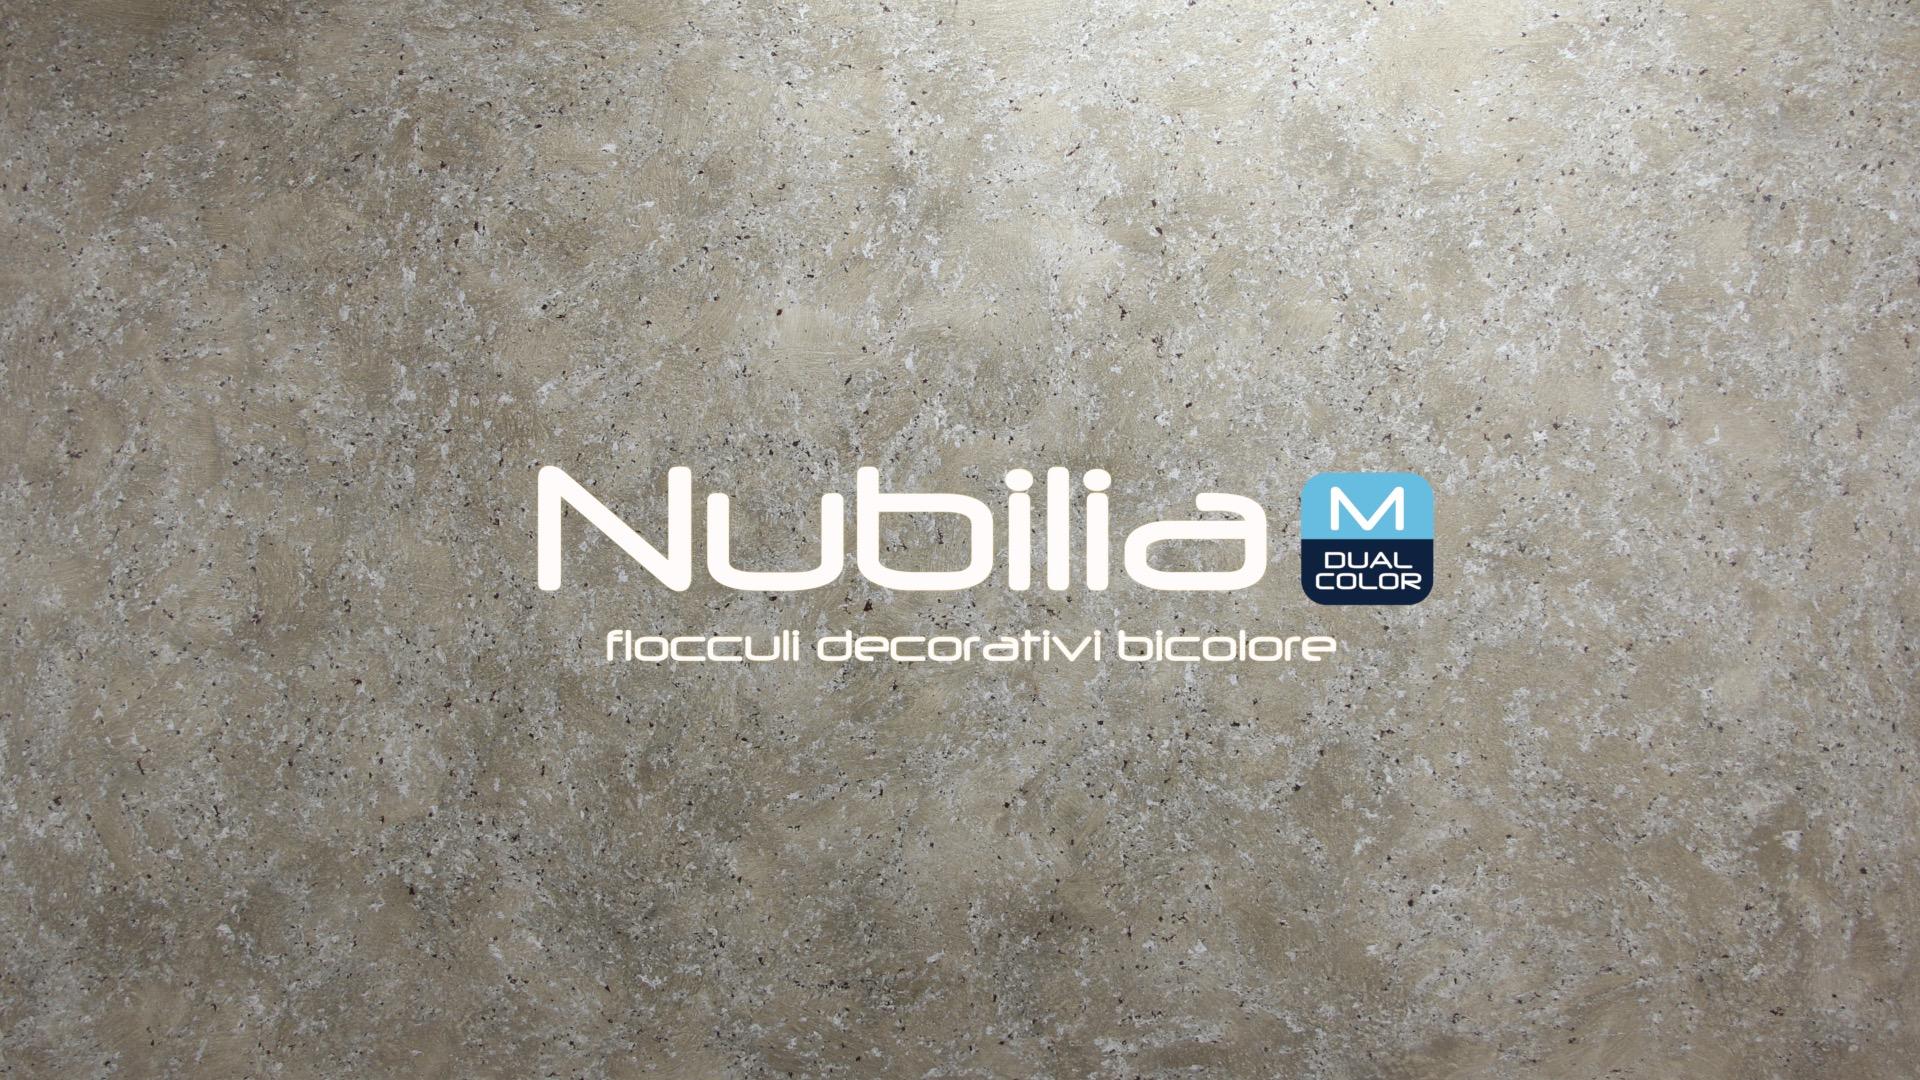 Nubilia_M_DualColor_Q3-1